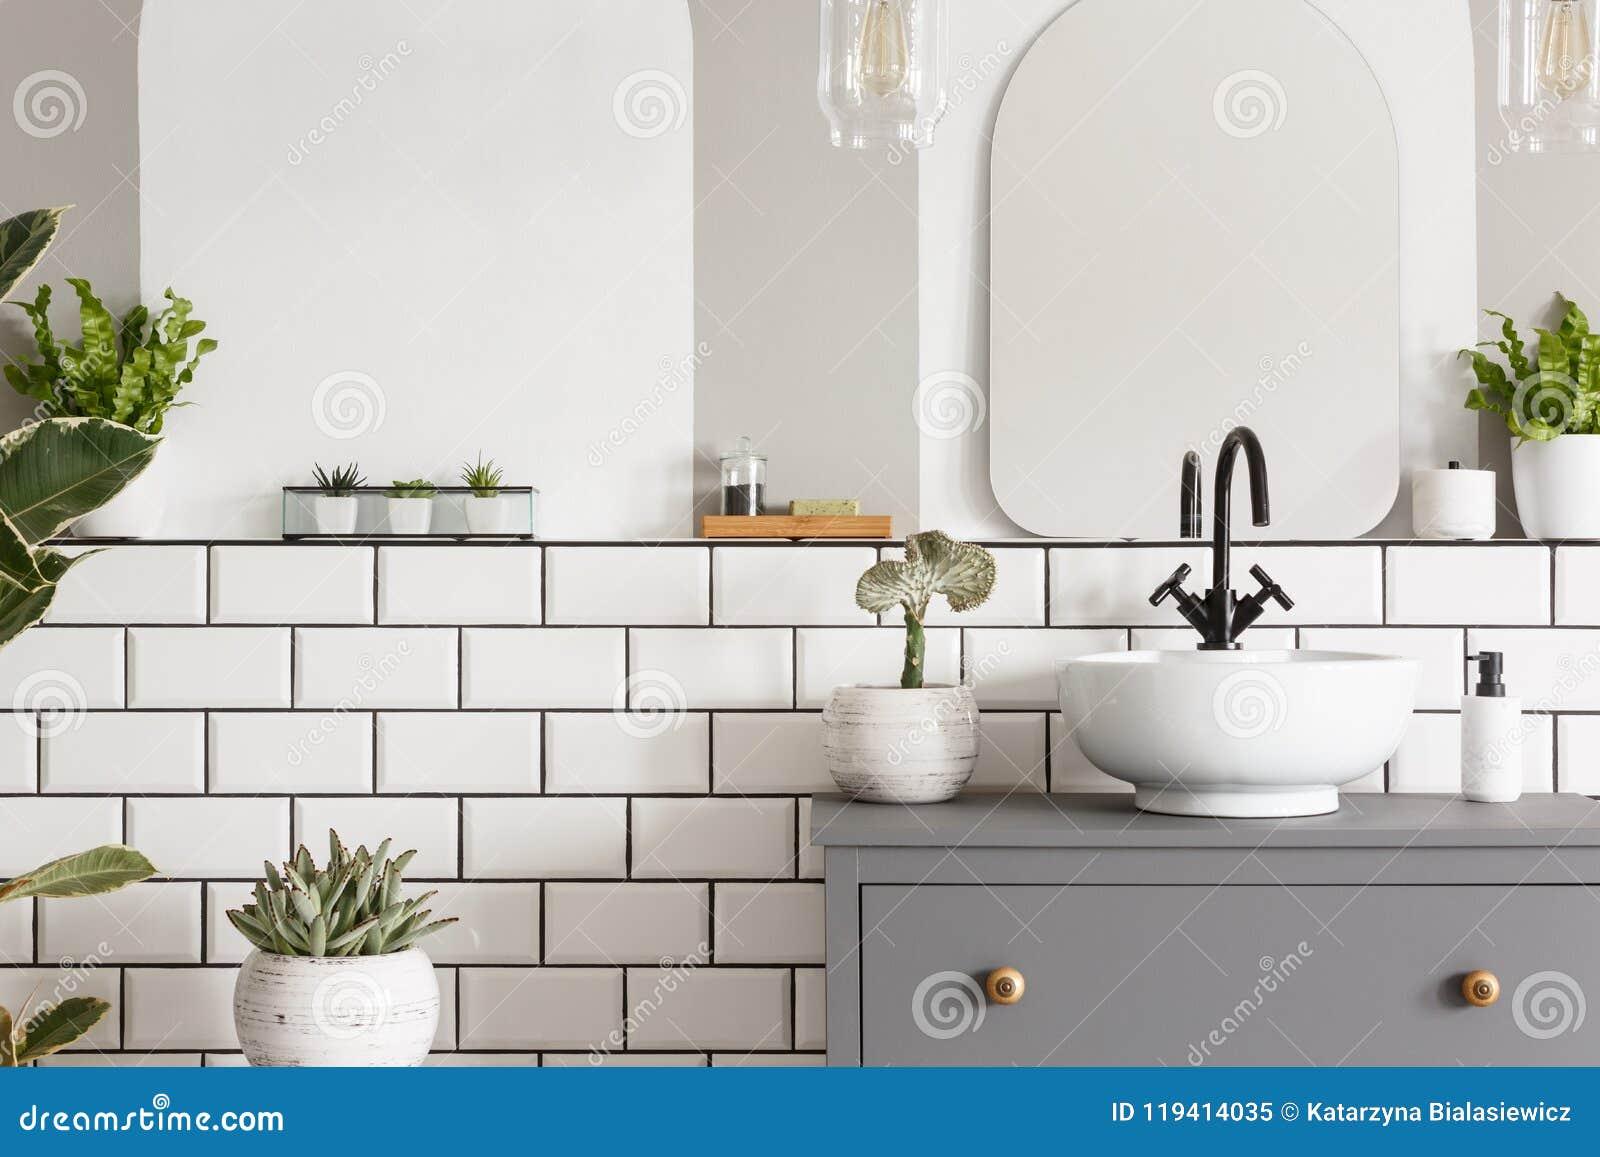 Echte foto van een wasbak op een kast in een badkamers binnenlands